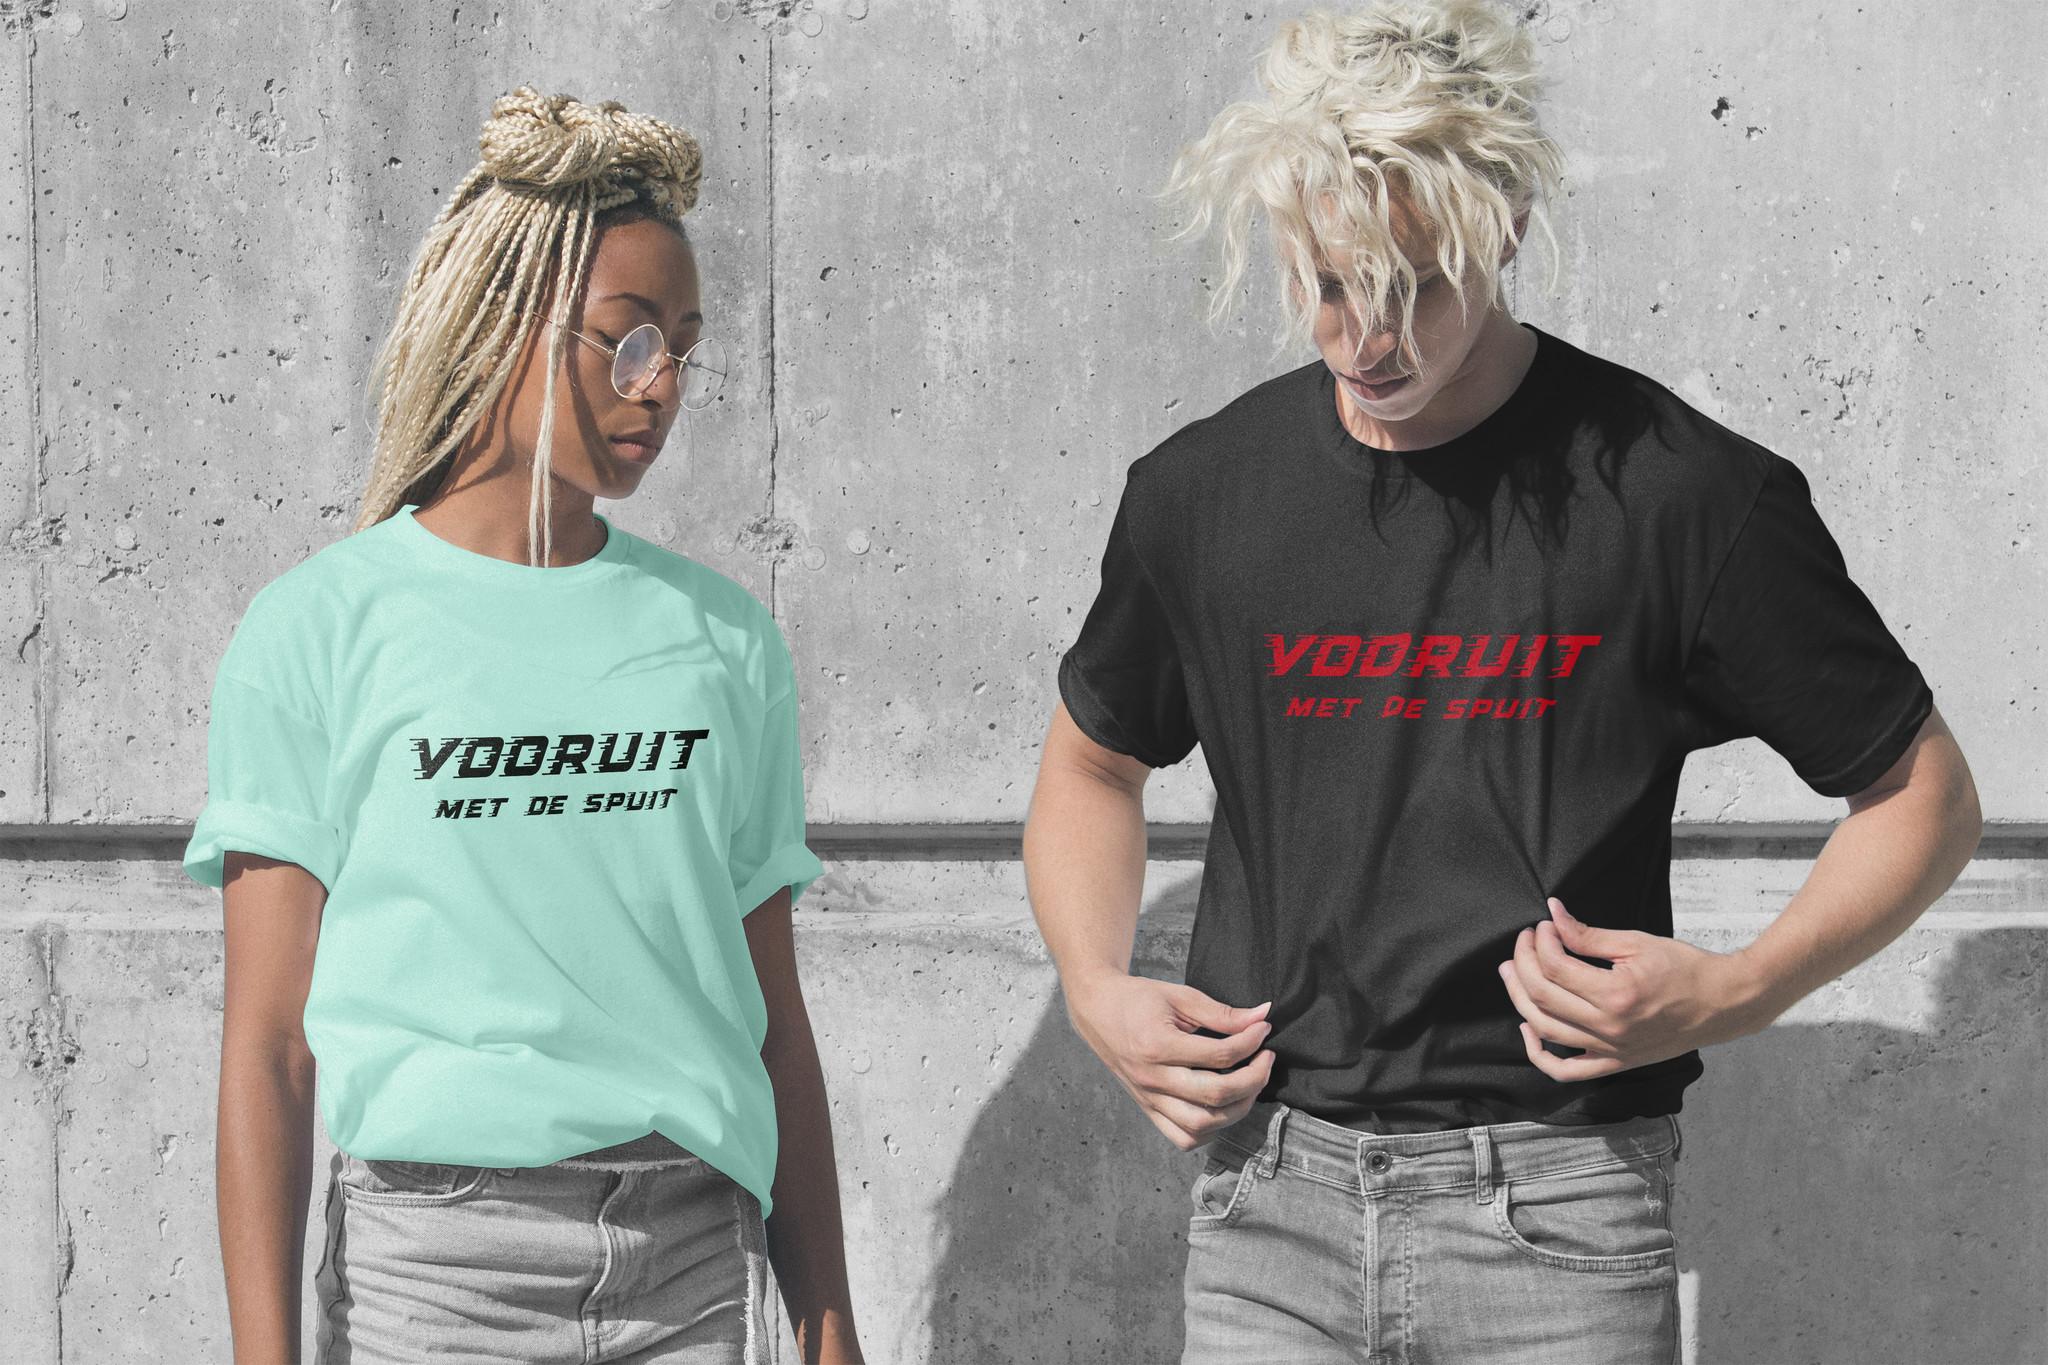 VOORUIT